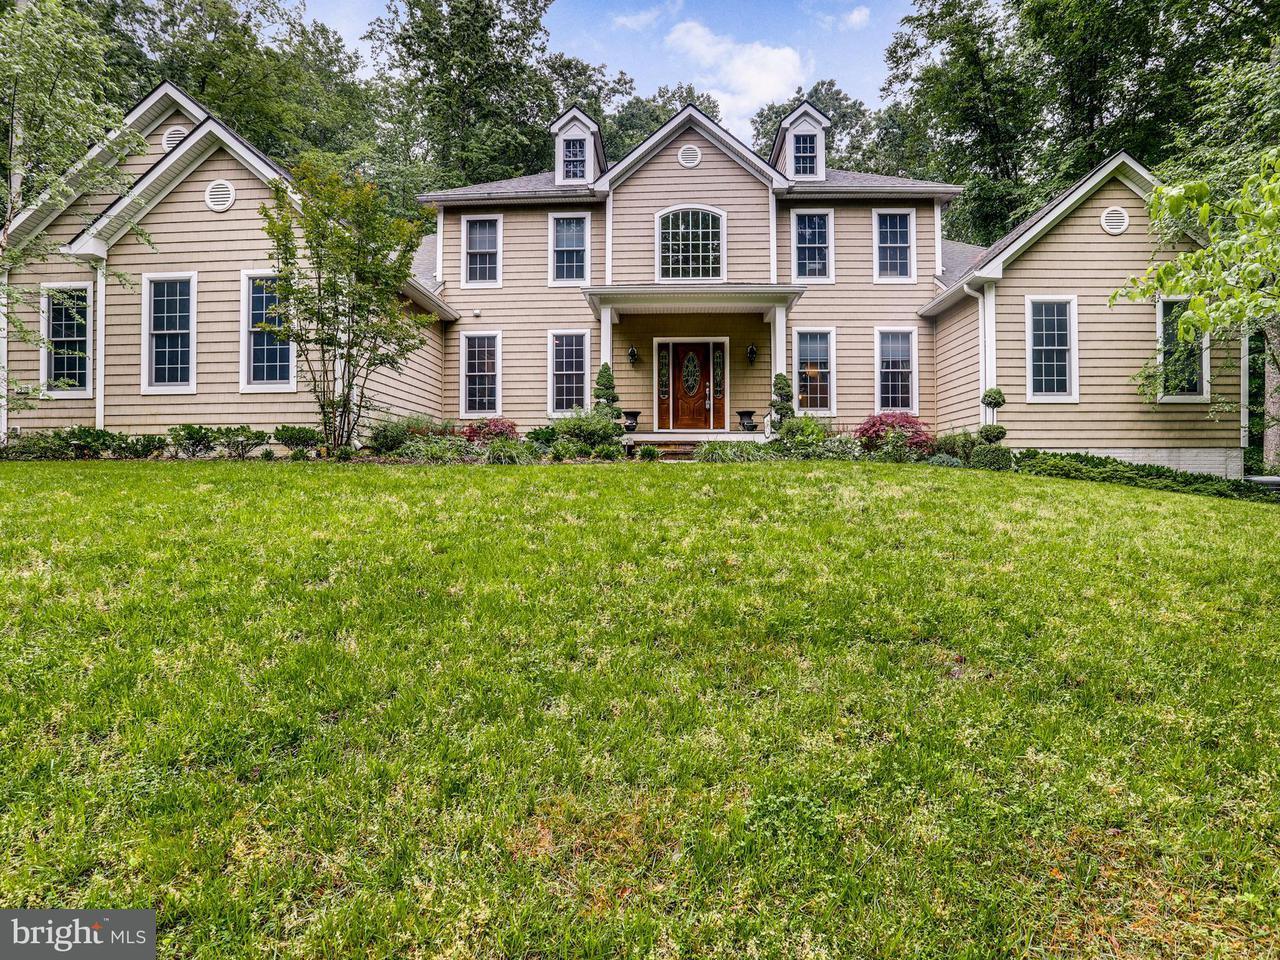 Частный односемейный дом для того Продажа на 3301 CHURCHILL FARM Road 3301 CHURCHILL FARM Road Davidsonville, Мэриленд 21035 Соединенные Штаты